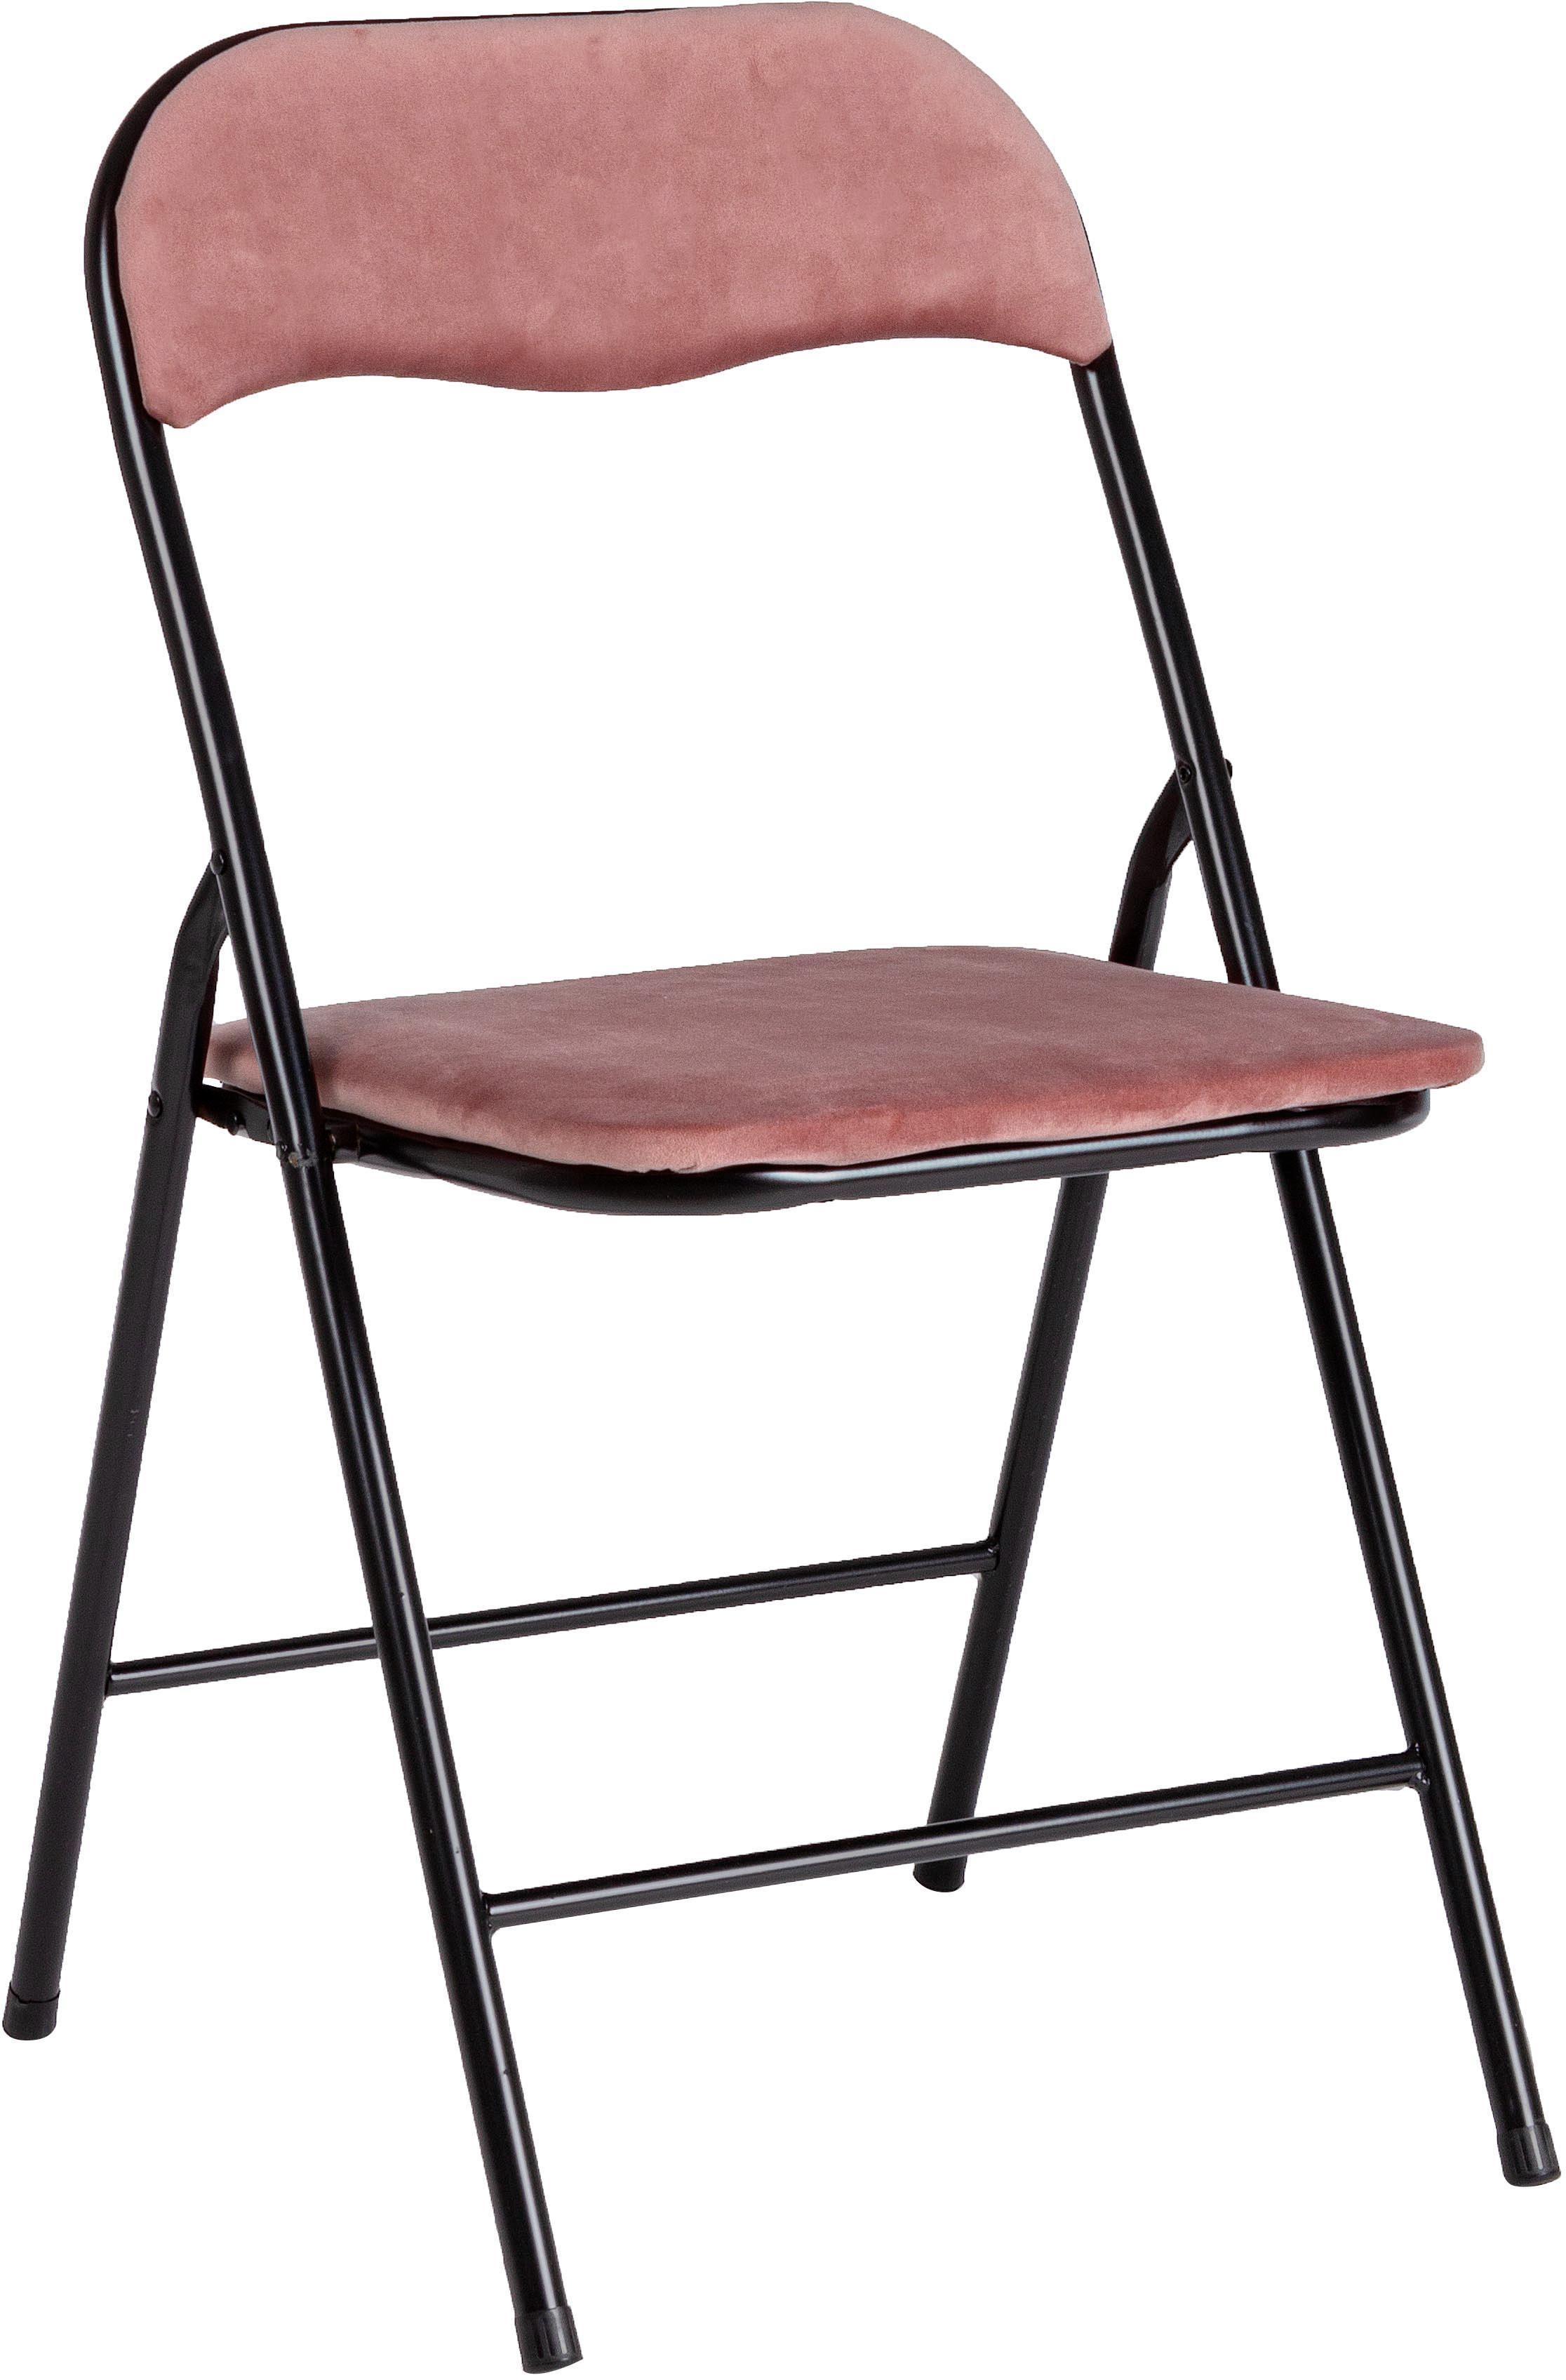 Samt-Klappstuhl Amal, Bezug: Polyestersamt, Gestell: Metall, pulverbeschichtet, Pink, Schwarz, B 44 x T 44 cm